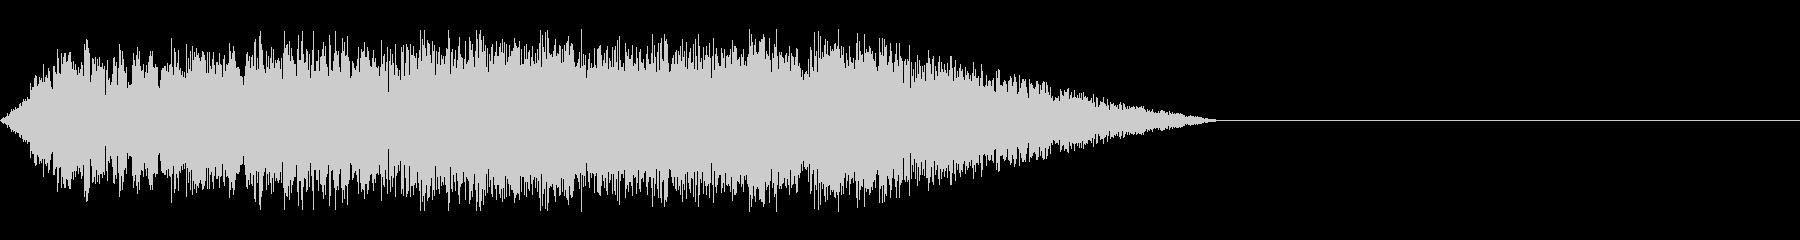 エレキギターのピックスクラッチ音の未再生の波形